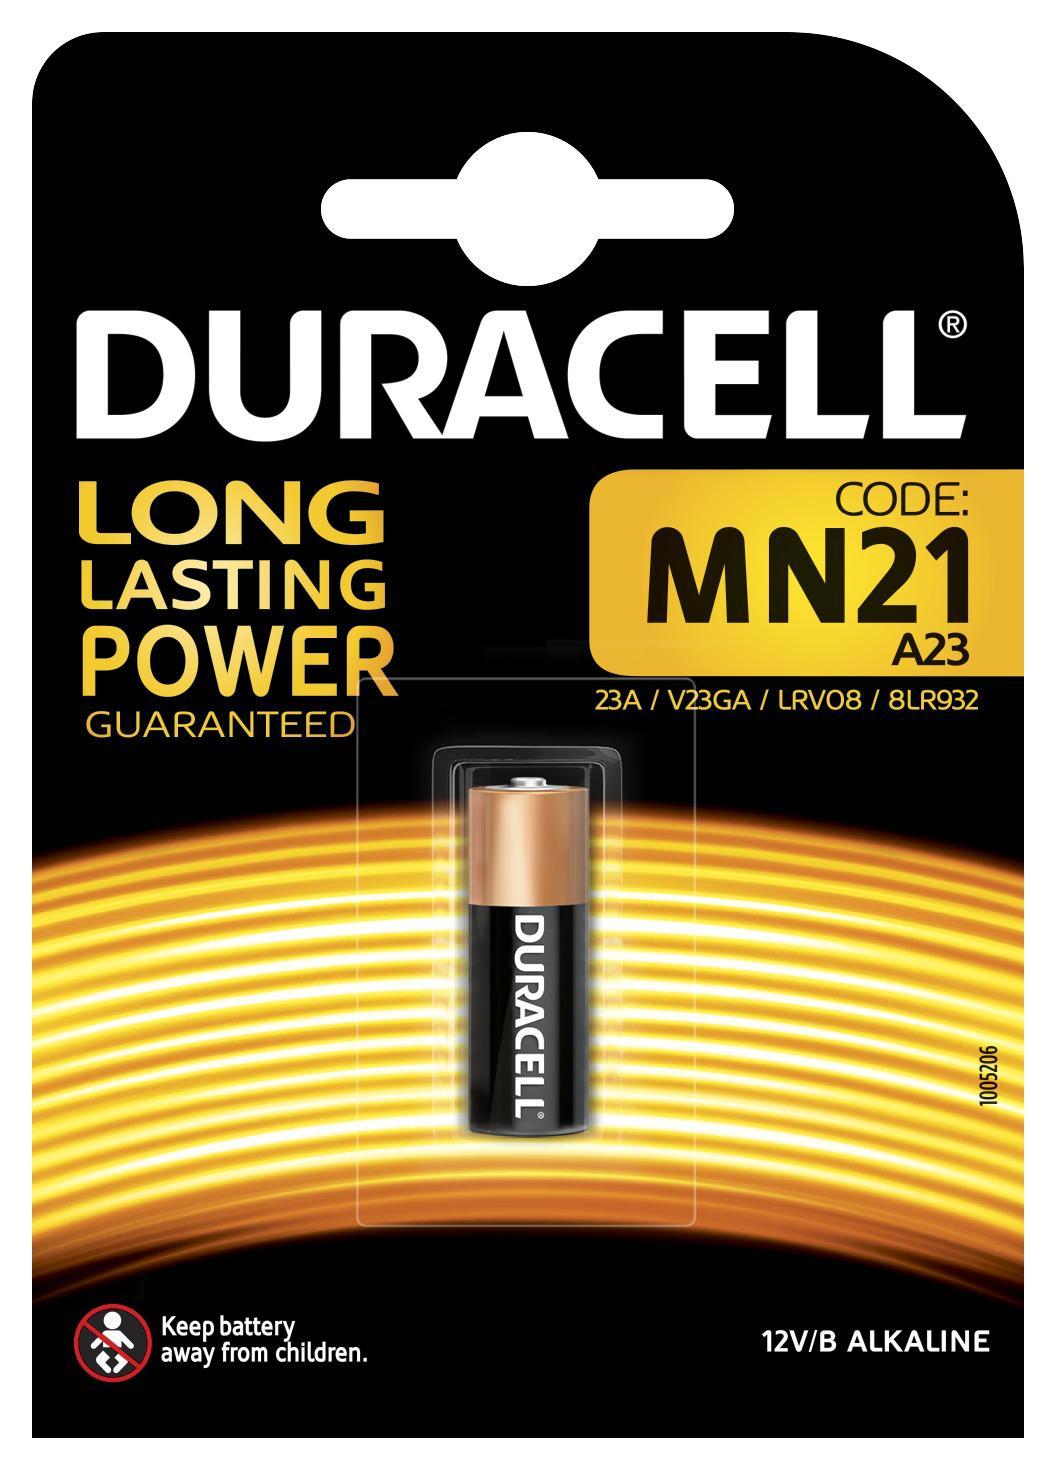 Батарейка Duracell Mn21 (10/100/9600) батарейки duracell cr2025 10 100 9600 блистер 1 шт